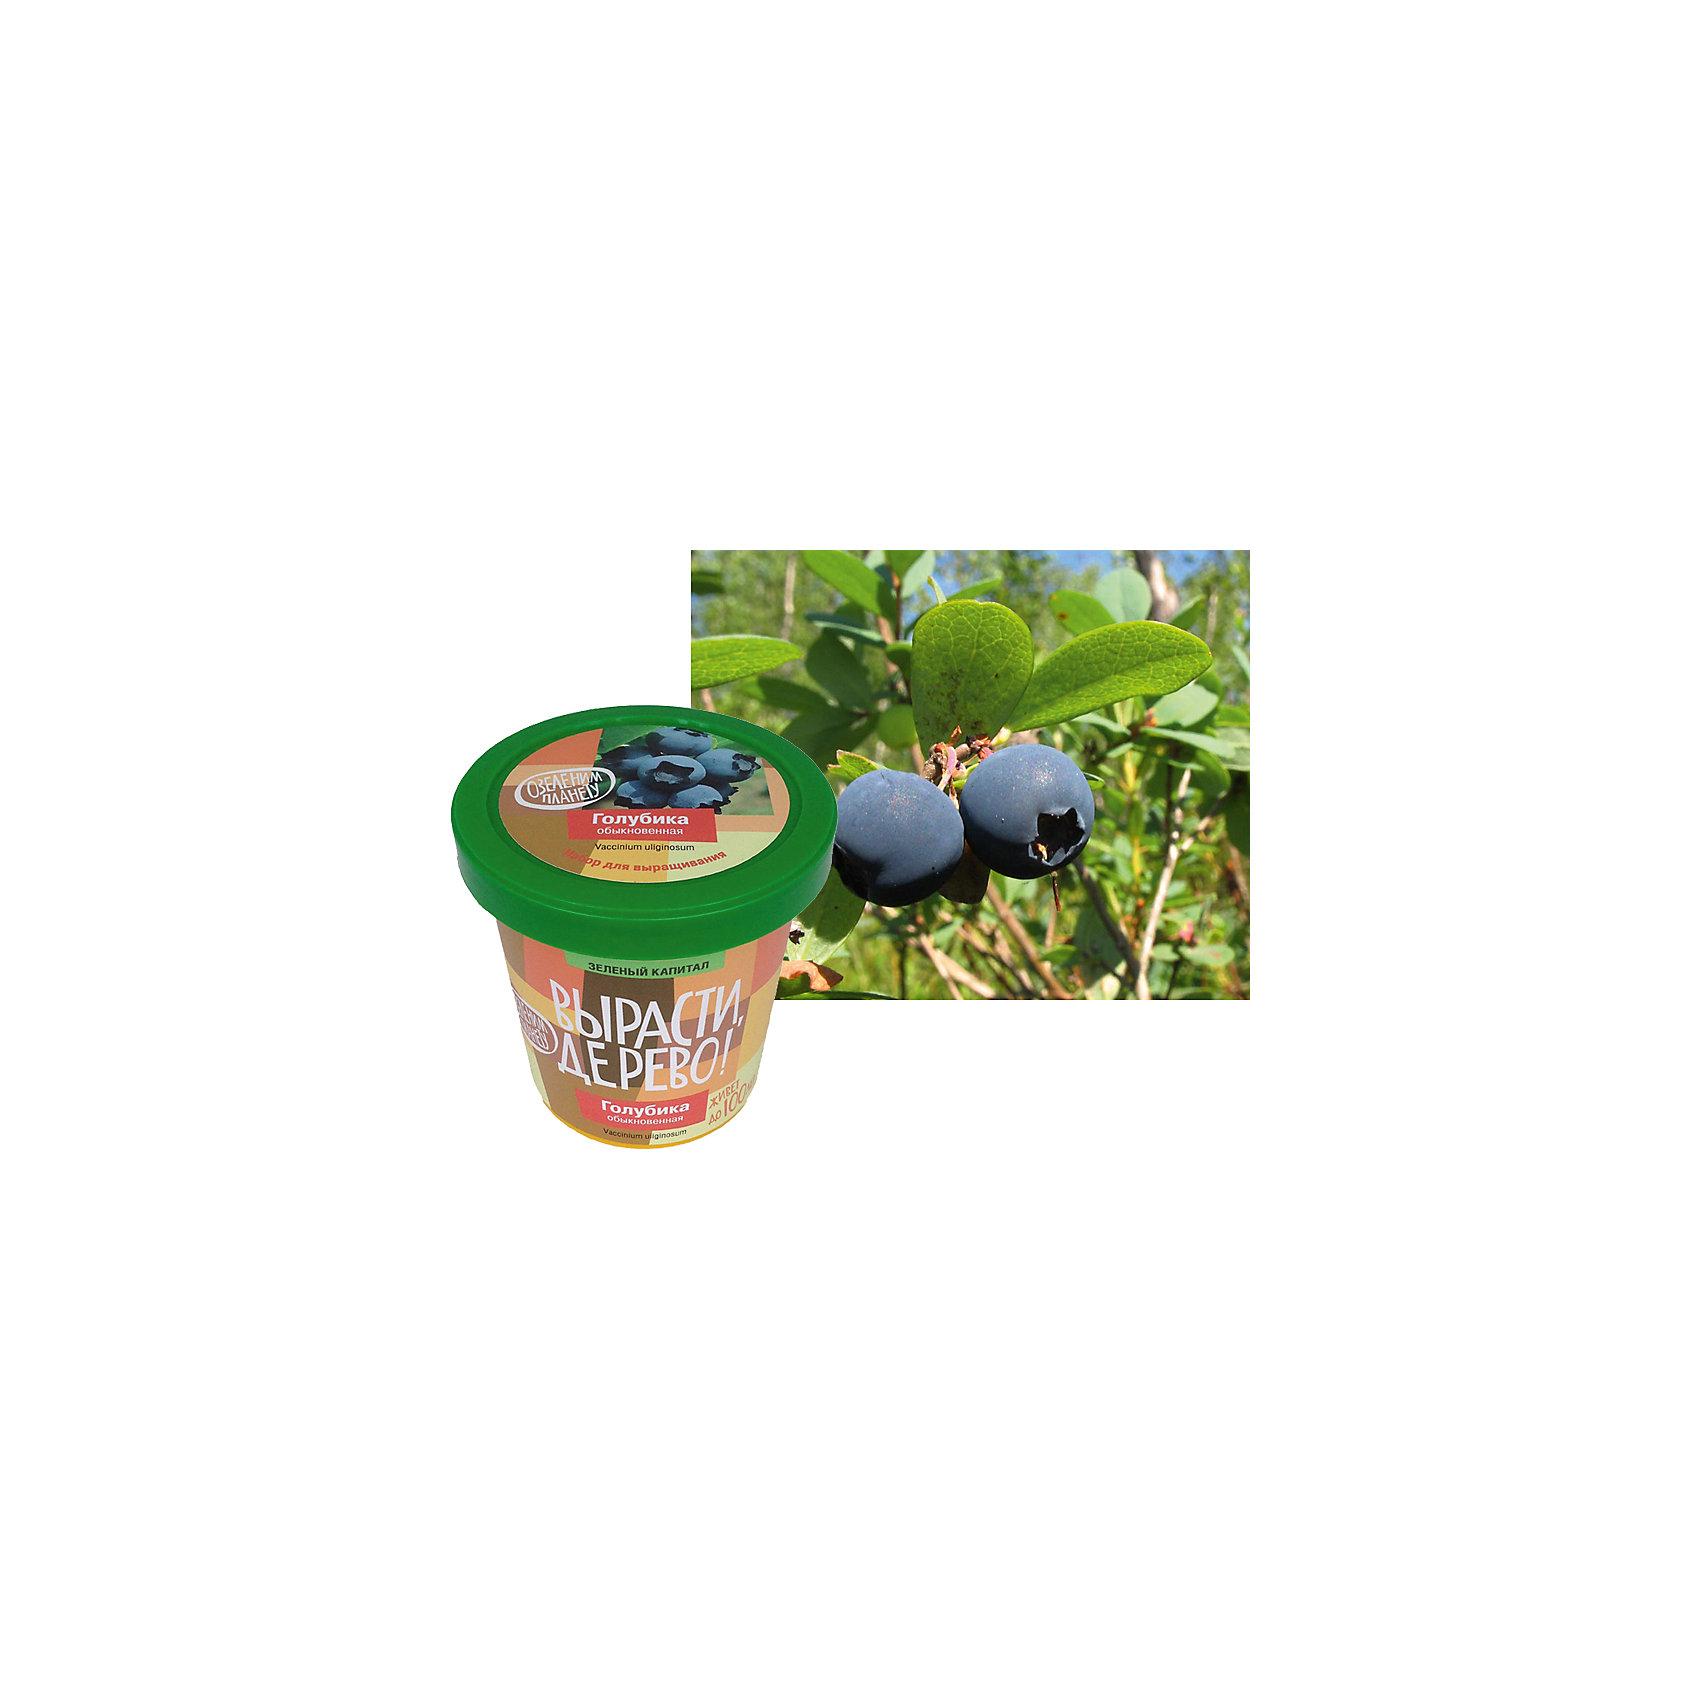 Набор Вырасти, дерево! Голубика обыкновеннаяГолубика обыкновенная - это один из самых полезных и вкусных плодовых кустарников. В отличие от своего ближайшего лесного родственника, черники, голубика обыкновенная неприхотлива и растет в самых разнообразных условиях. Кроме того, во взрослом виде она достигает 1 метра в высоту, а с одного куста можно собрать до 2 килограммов урожая. Северные народы называют голубику нежная, так как у нее очень хрупкая, но вкусная ягода. Вырастите голубику обыкновенную из семян всей семьей, и это занятие Вас, несомненно, объединит, ведь ничто так не сближает, как общий досуг!<br><br>Дополнительная информация:<br><br>- В наборе: пластиковый горшок с крышкой объемом 0,5 литра; крышка в качестве поддона для сбора избыточной влаги; семена Голубики обыкновенной; торфяная таблетка - питание для проросших семян; плодородный грунт (PH=6) (на первые 1-2 года жизни дерева); агроперлит для стратификации семян<br>- Размер упаковки: 10х10х10 см.<br>- Вес упаковки: 350 гр.<br><br>Набор Вырасти, дерево! Голубика обыкновенная - подарите себе возможность стать обладателем полезнейшего кустарника.<br><br>Набор Вырасти, дерево! Голубика обыкновенная можно купить в нашем интернет-магазине.<br><br>Ширина мм: 100<br>Глубина мм: 100<br>Высота мм: 100<br>Вес г: 350<br>Возраст от месяцев: 60<br>Возраст до месяцев: 168<br>Пол: Унисекс<br>Возраст: Детский<br>SKU: 4143809